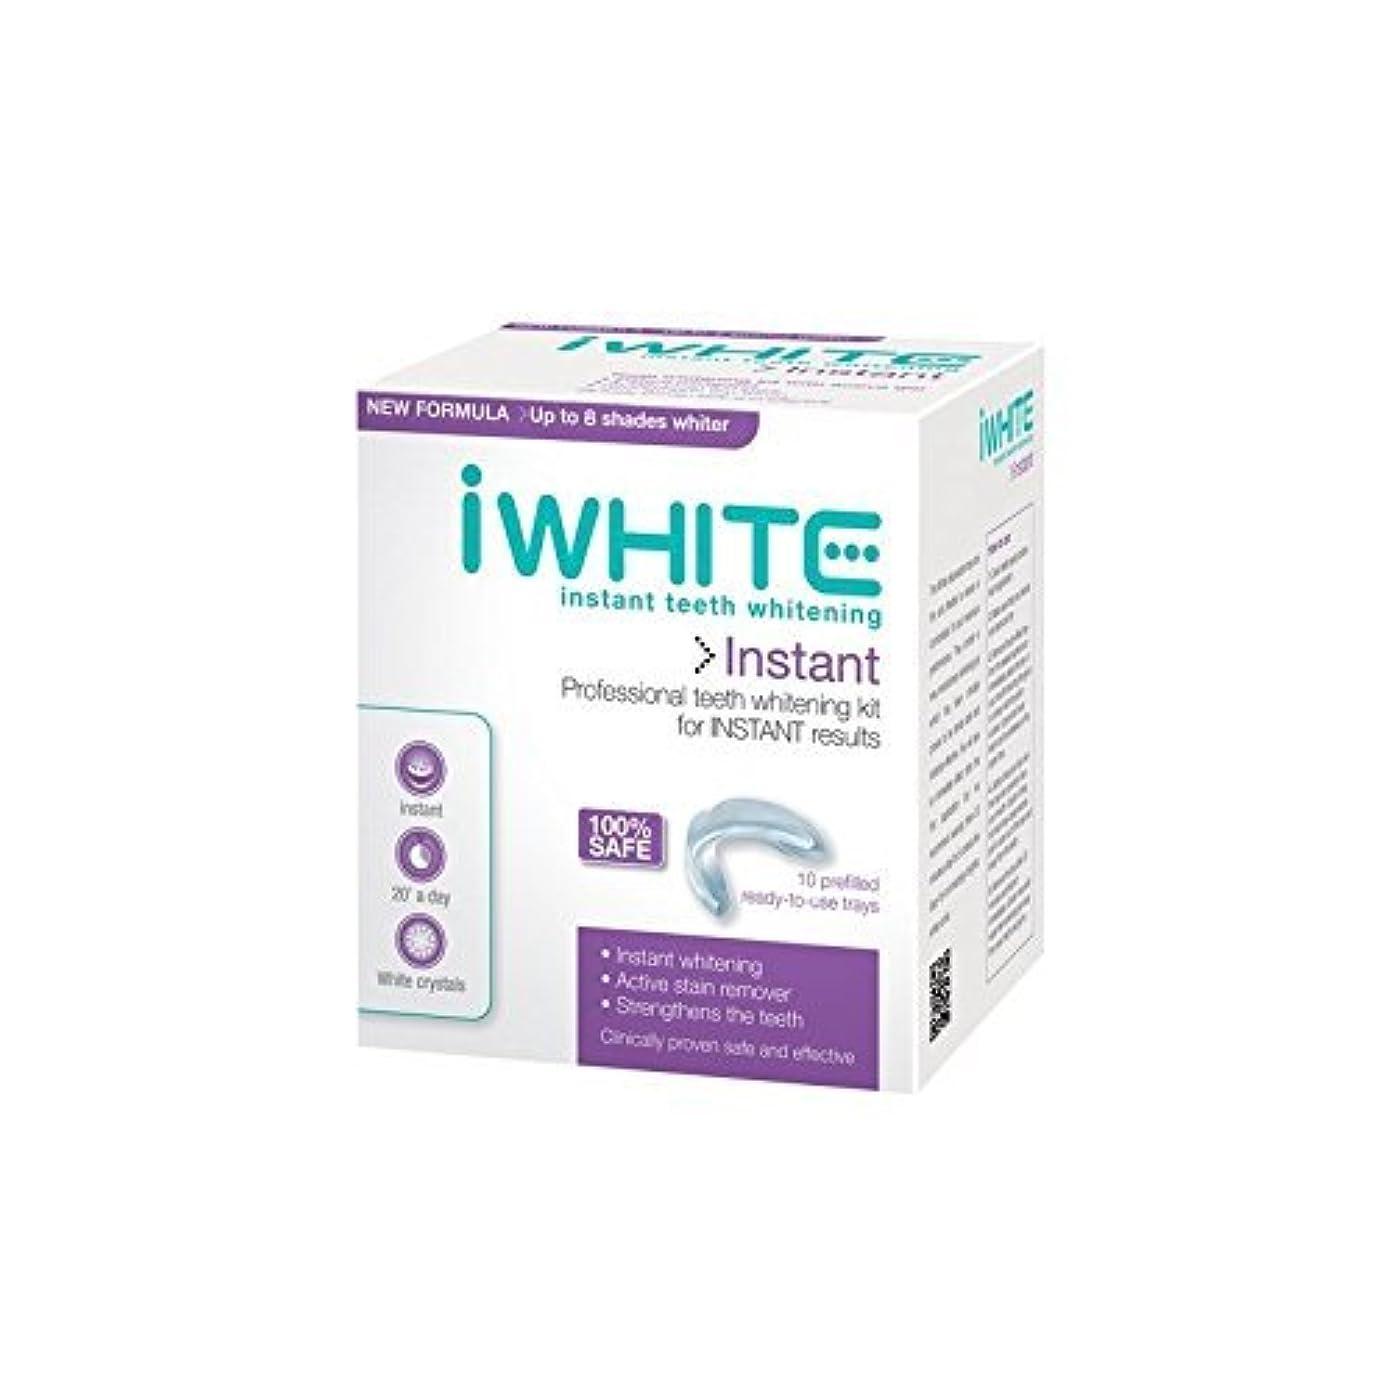 不快線形安全iWhite Instant Professional Teeth Whitening Kit (10 Trays) - キットを白くするインスタントプロの歯(10個のトレー) [並行輸入品]